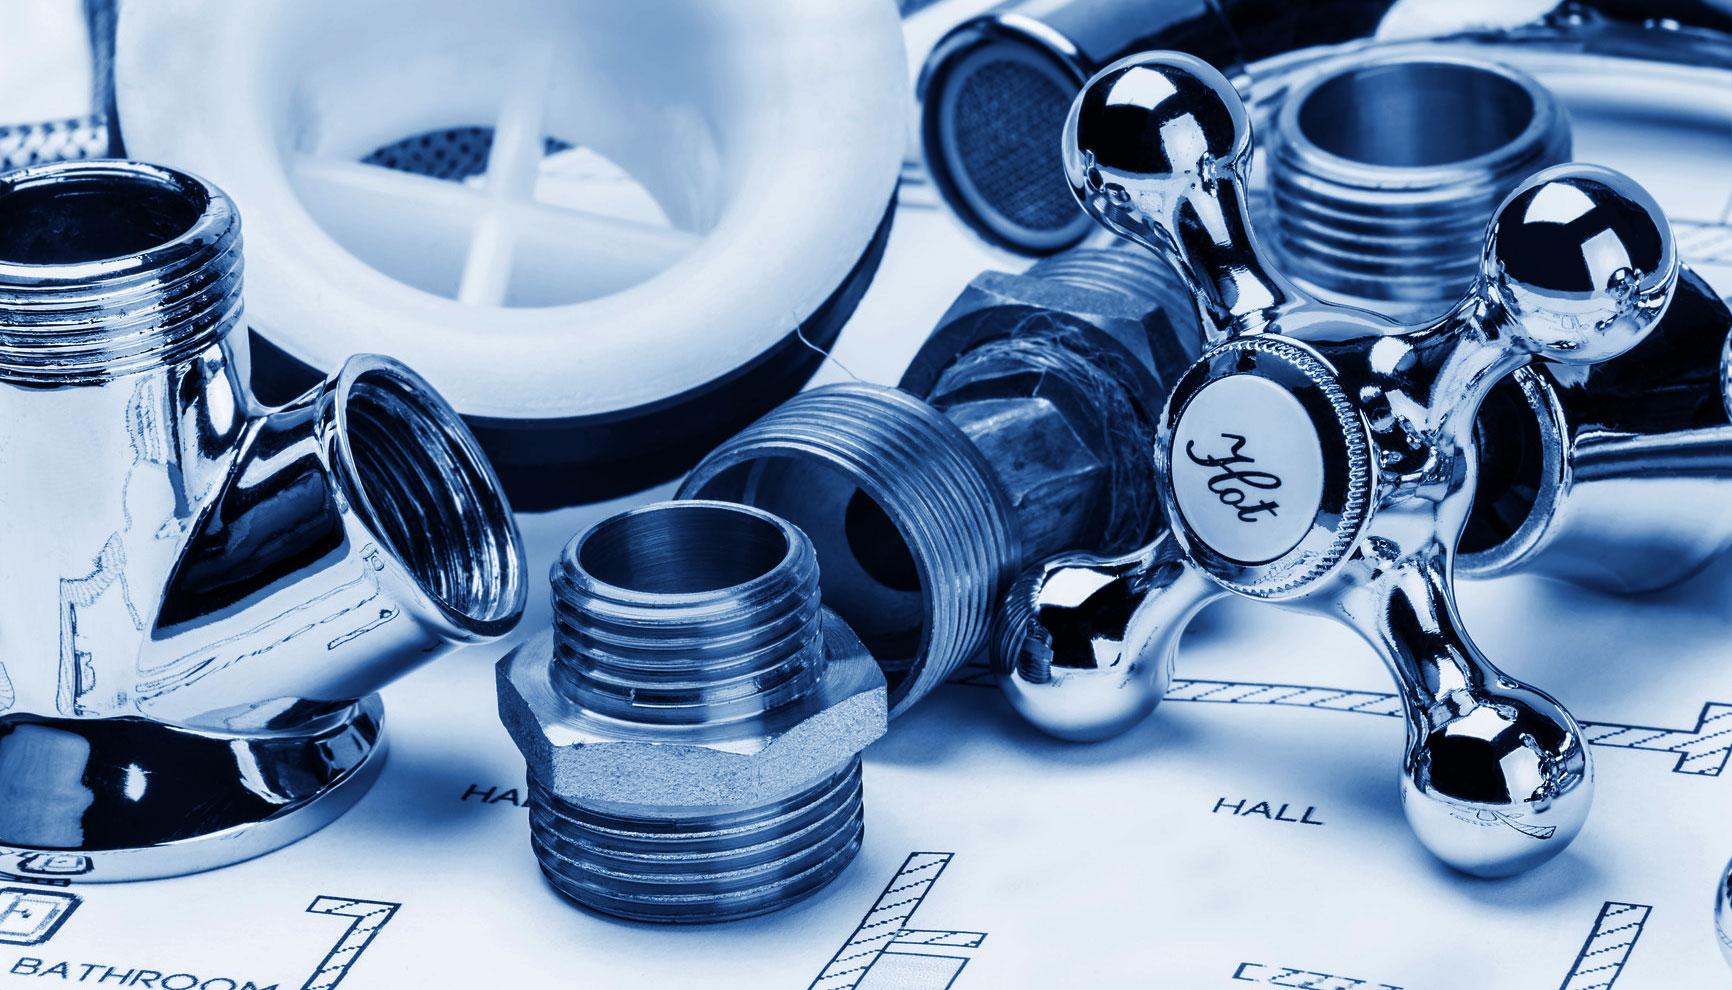 10 Plumbing Tips From an Expert Plumber